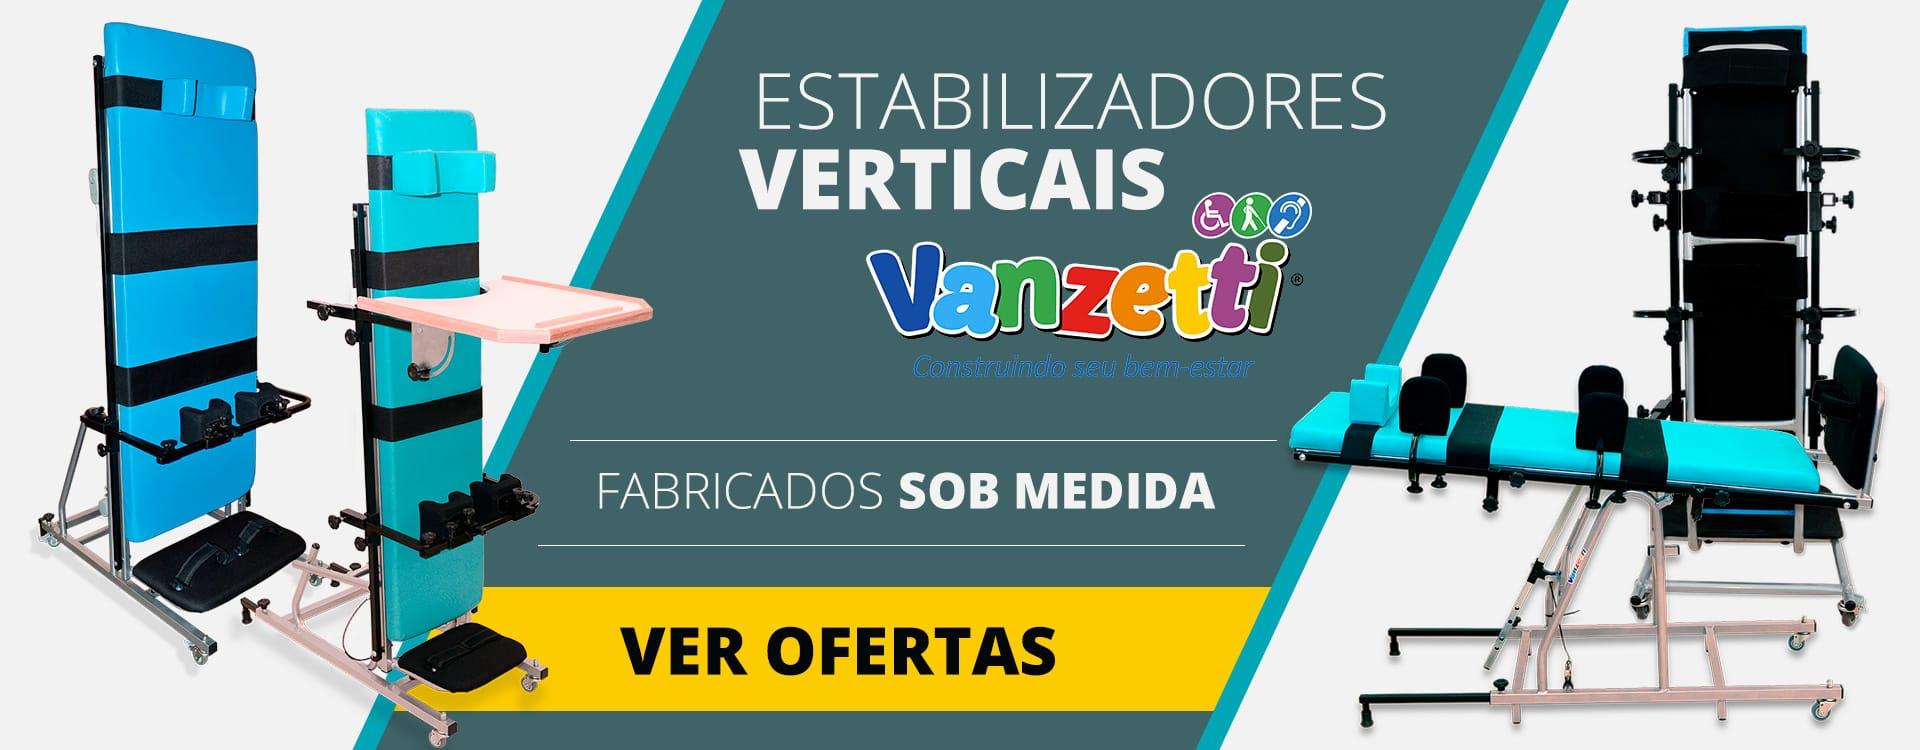 Estabilizadores Verticais Vanzetti